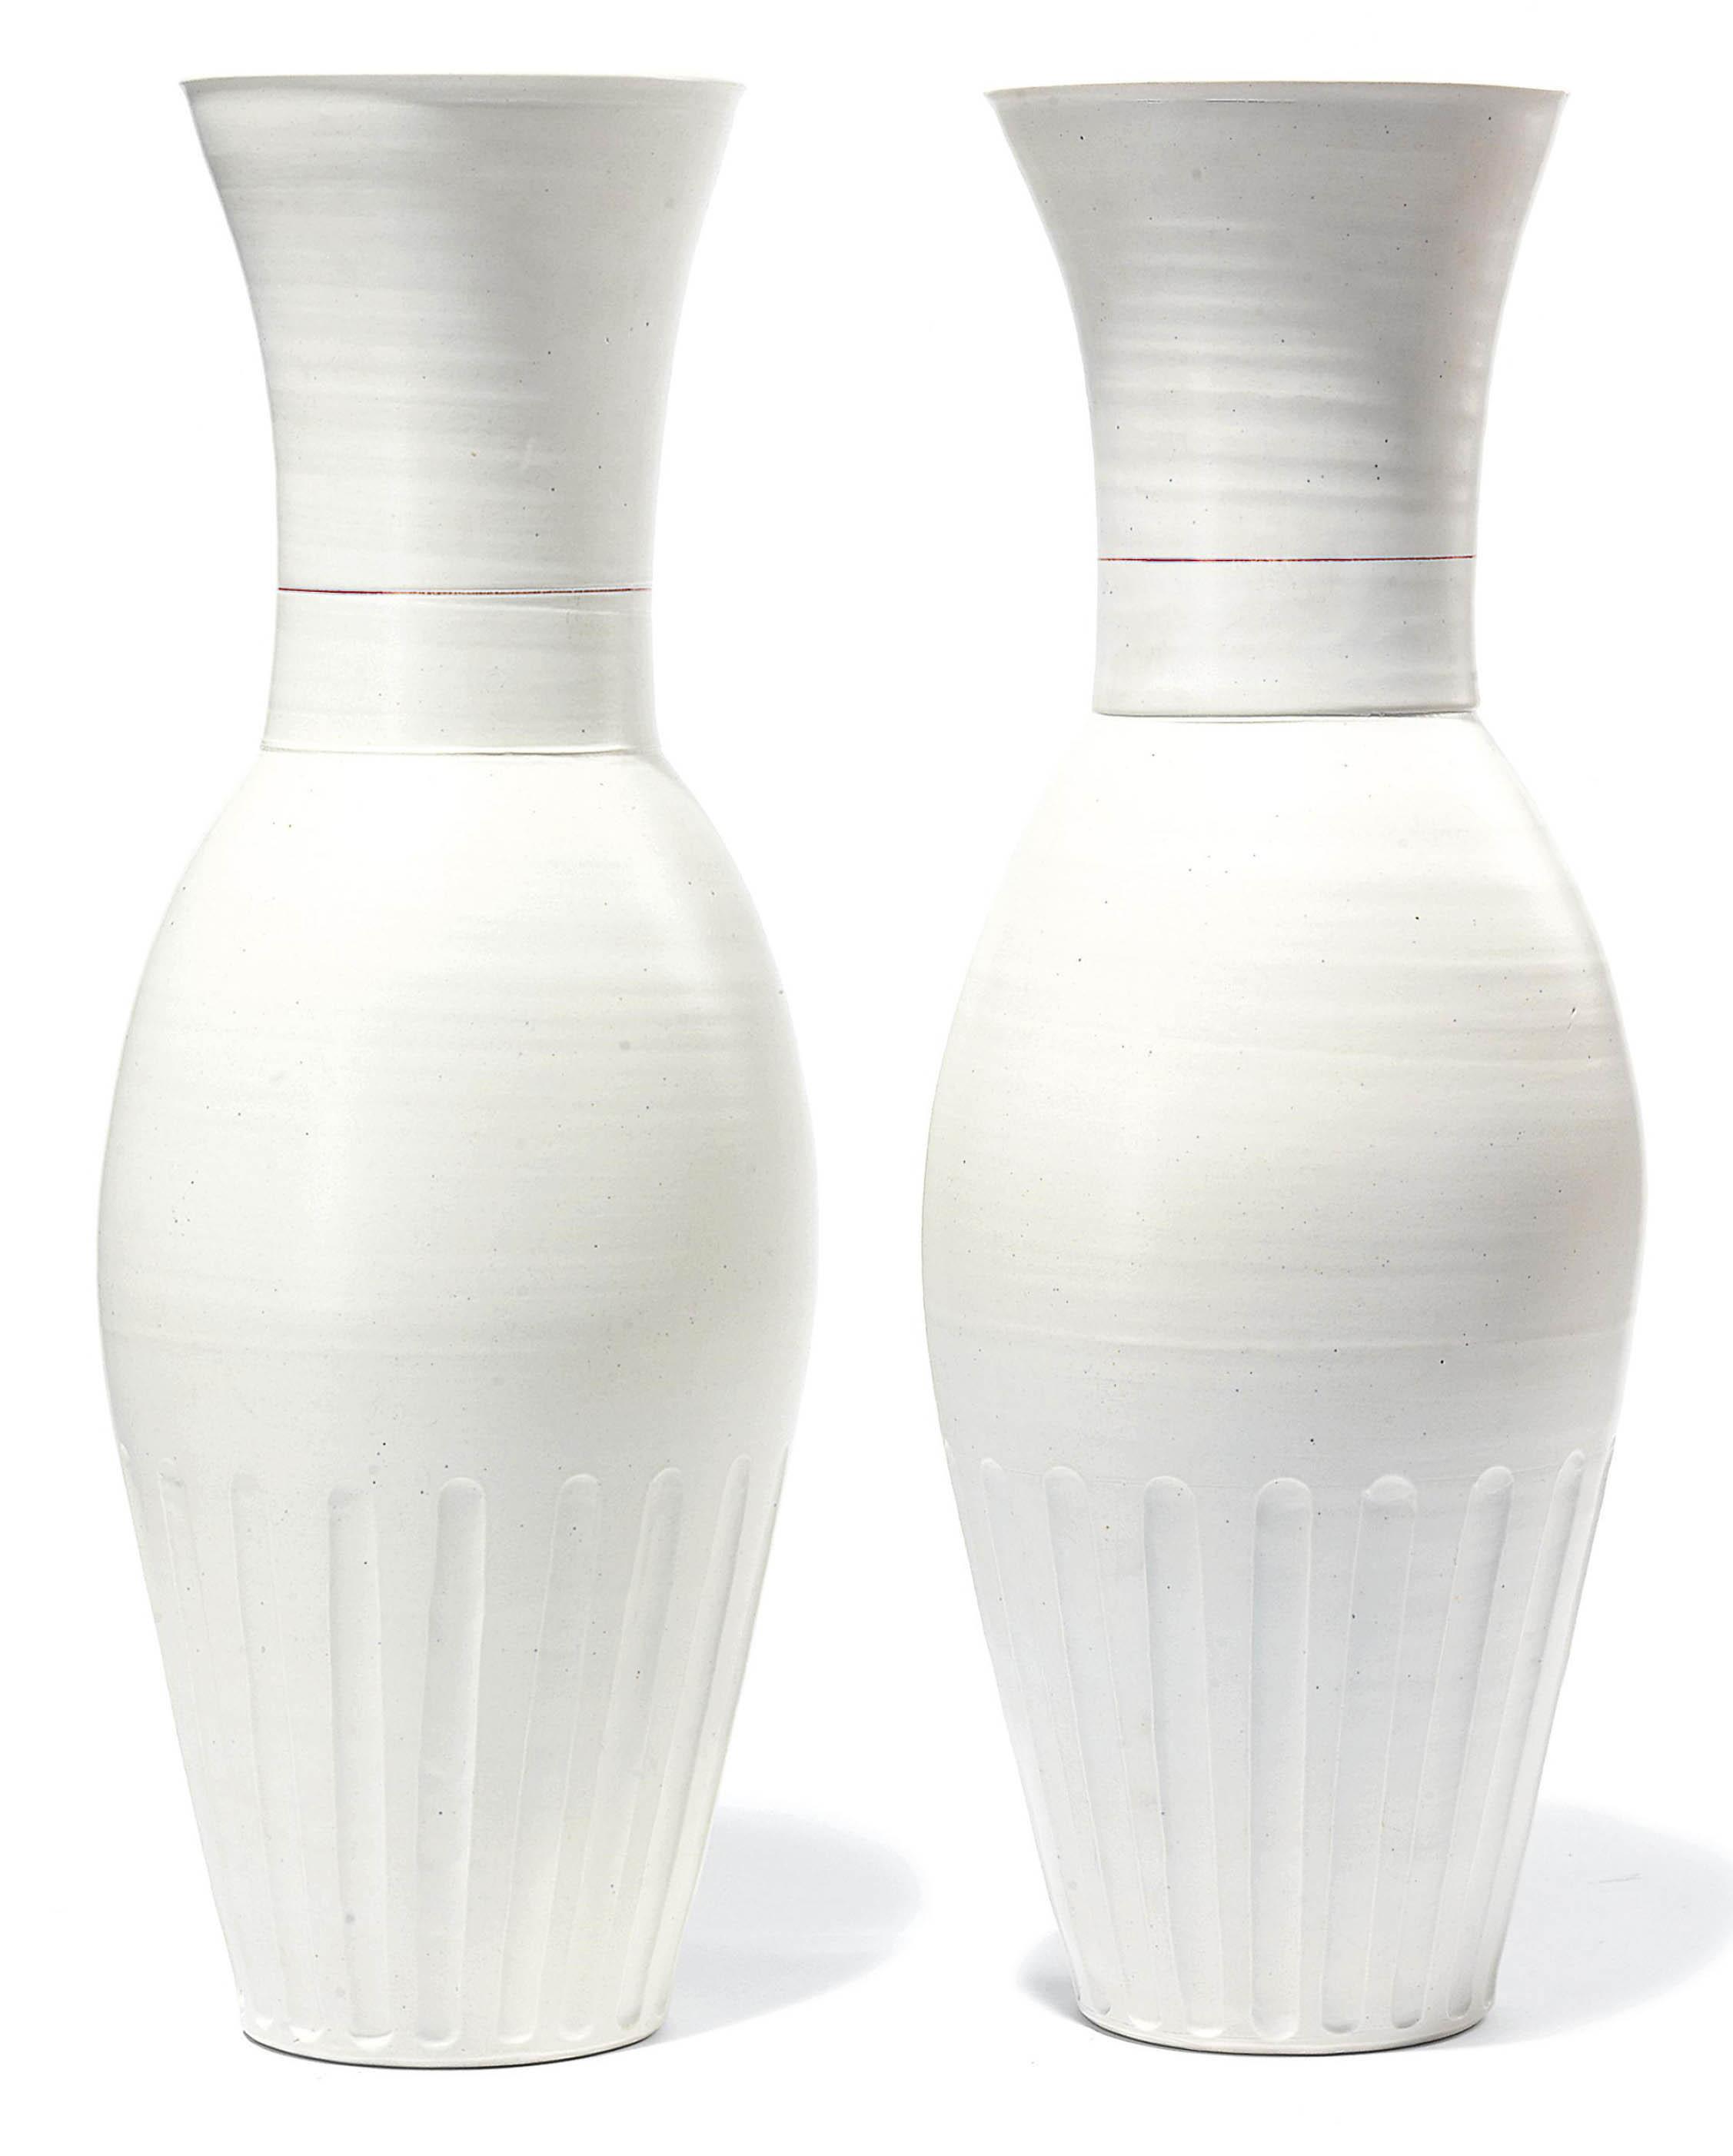 Untitled (vases)